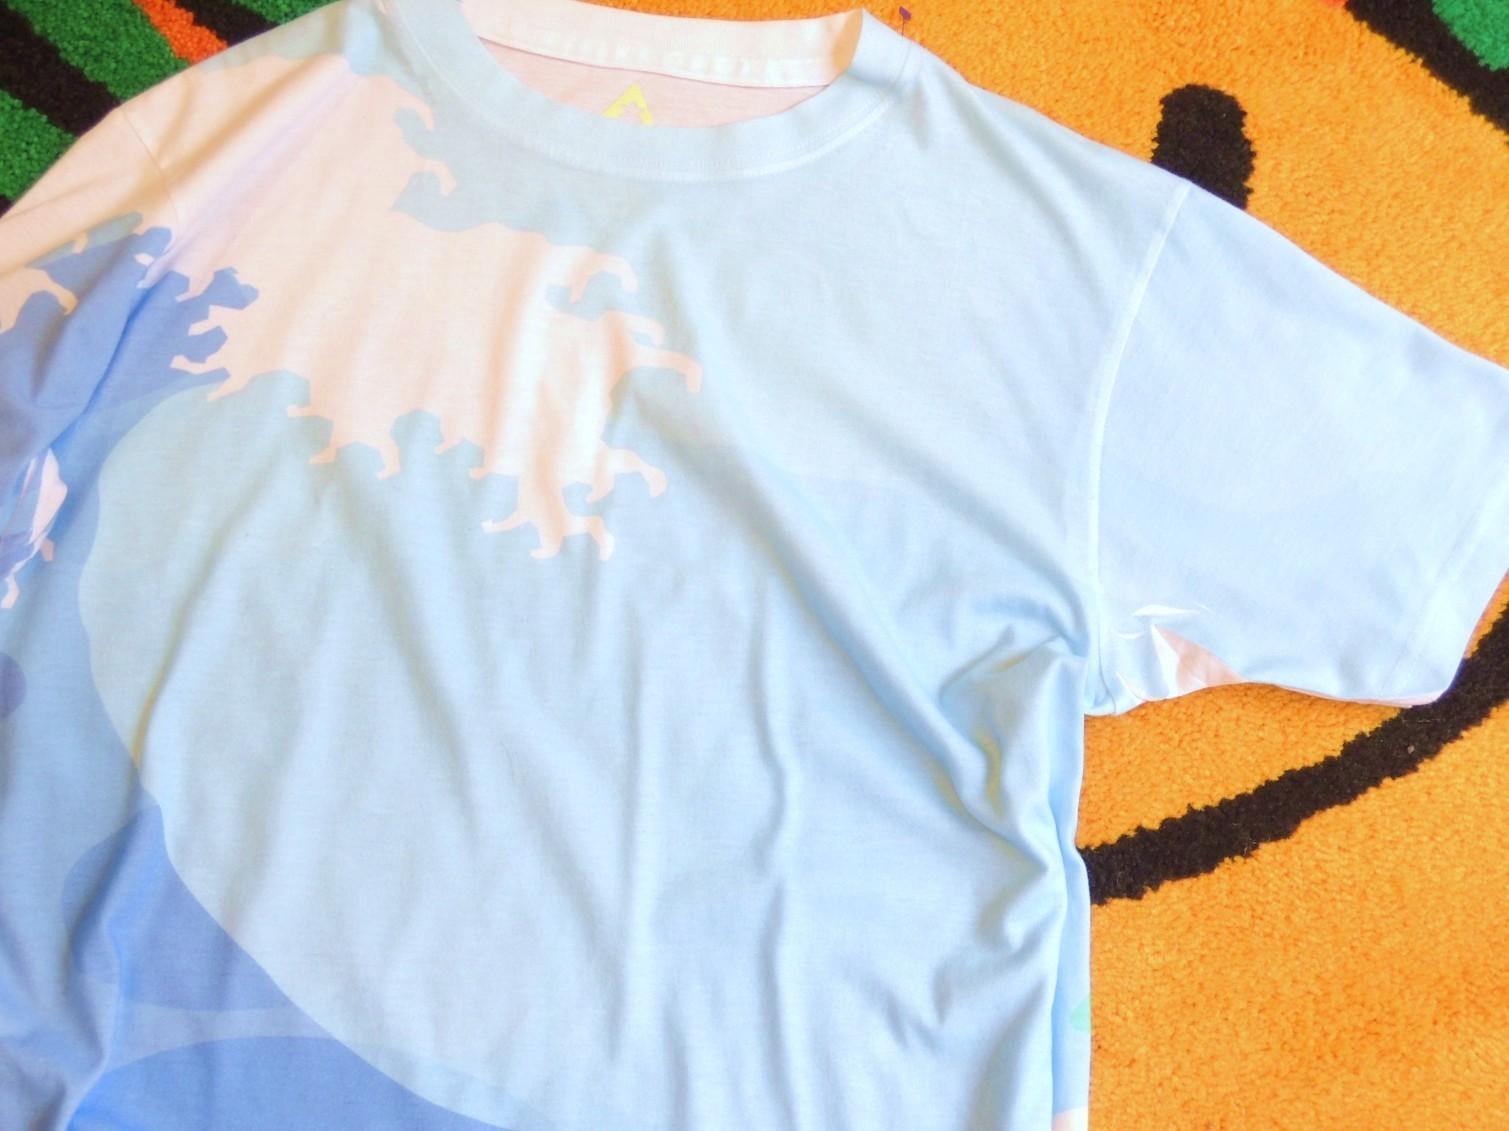 bigwaveallprinttshirts01.JPG